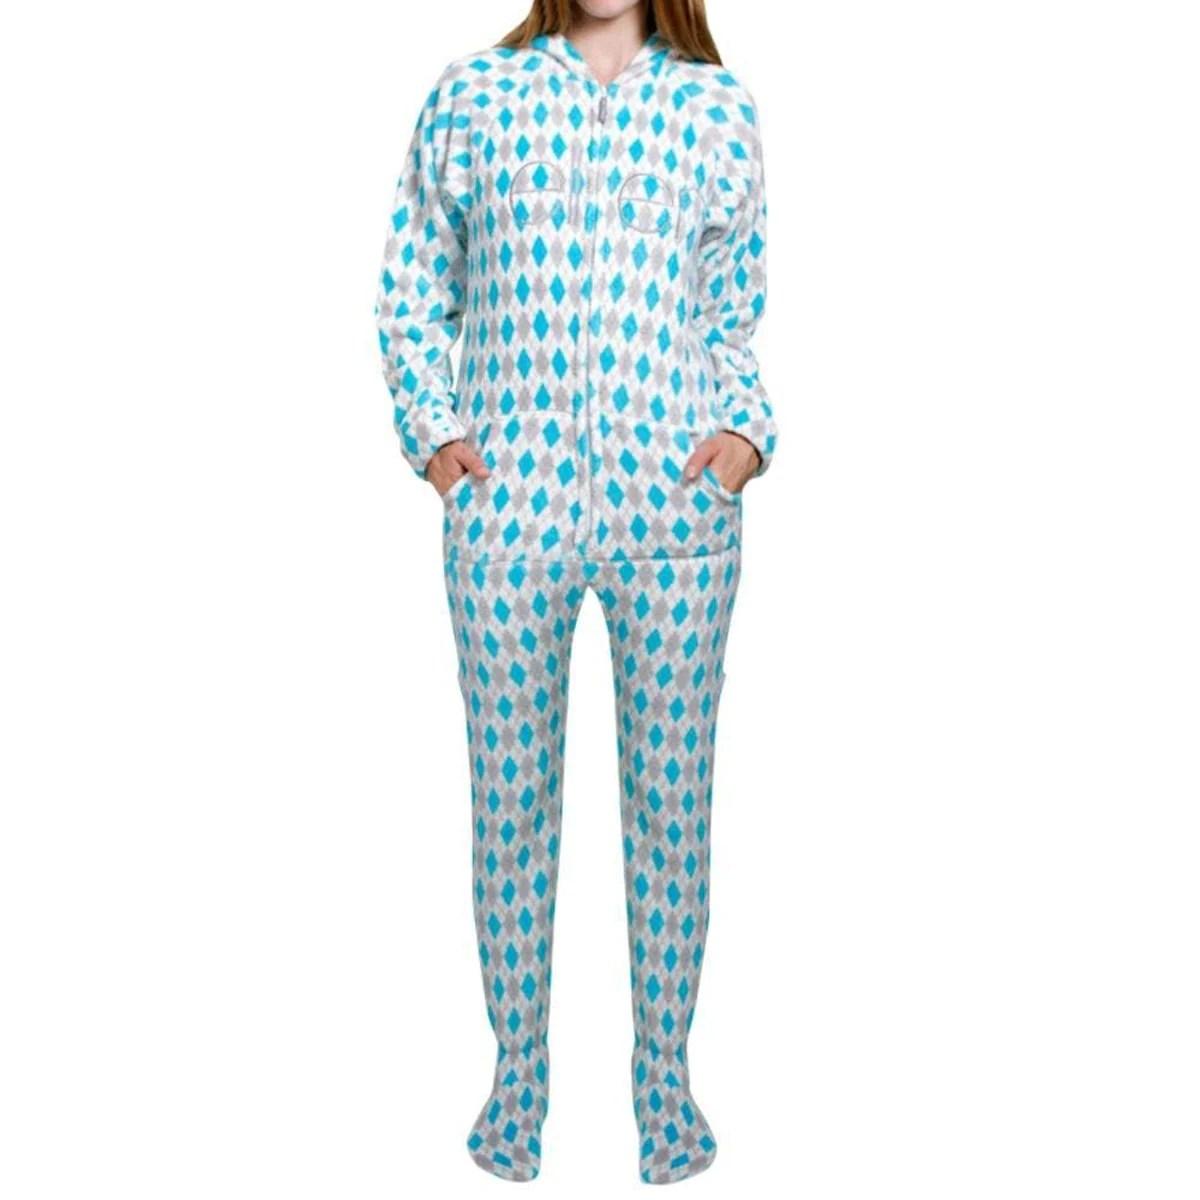 Relieving 6 Year Argyle Adult Pajama Female Ellen Degeneres Show Shop Argyle Adult Pajama One Piece Pajamas Name One Piece Pajamas baby One Piece Pajamas